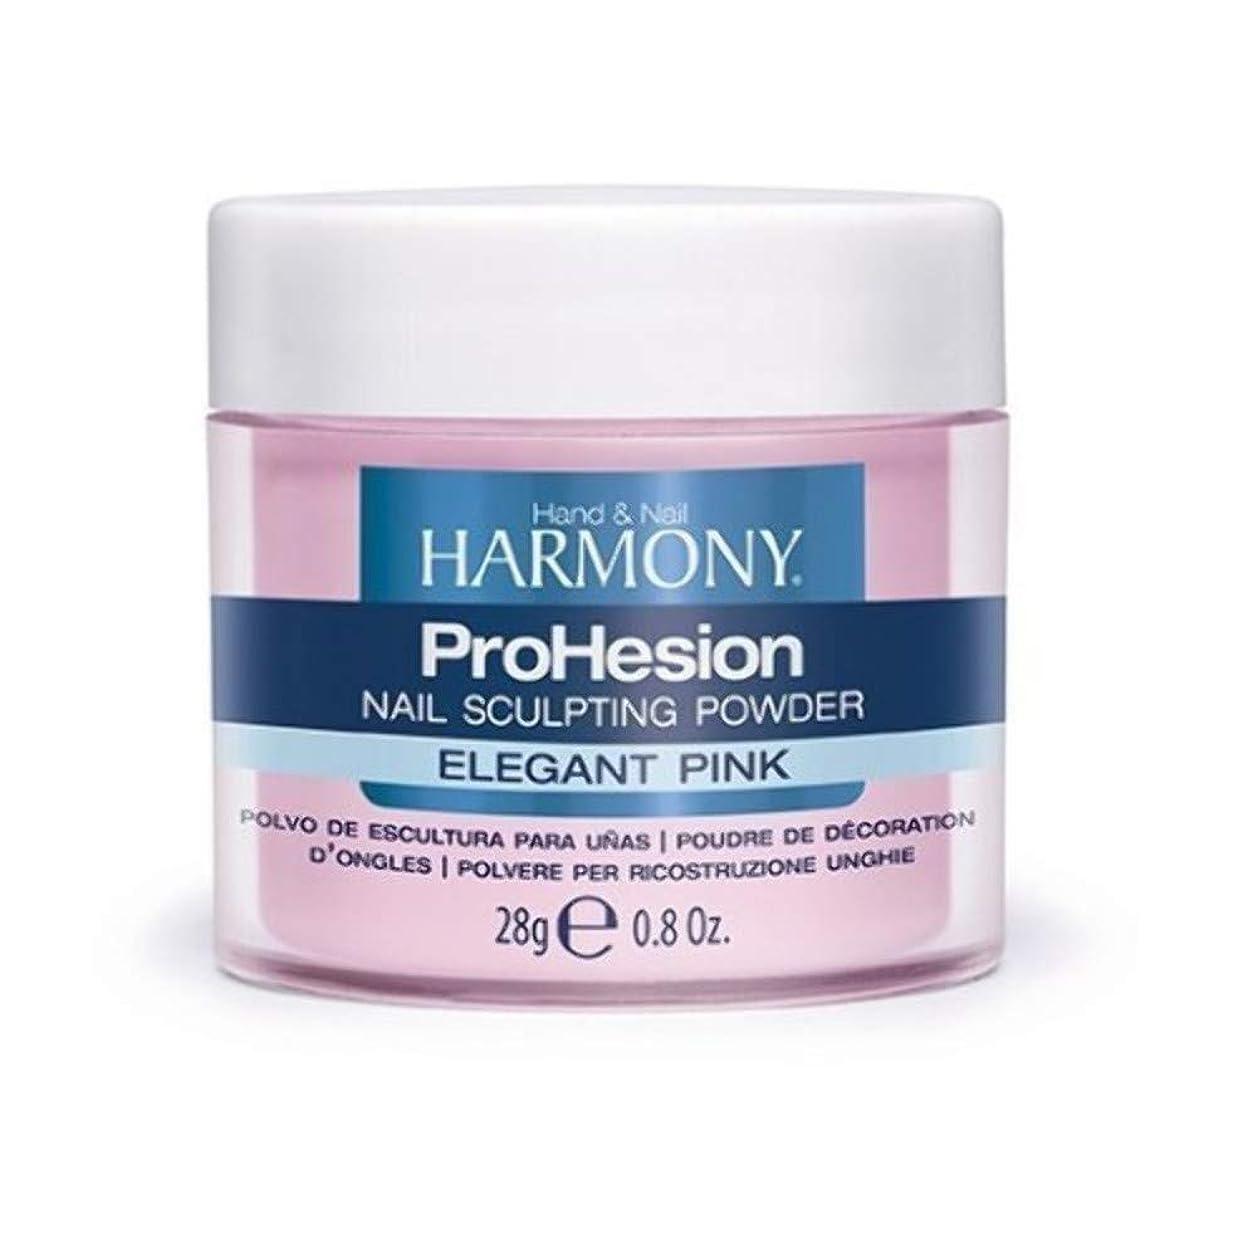 傘作り監査Harmony Prohesion Sculpting Powder - Elegant Pink - 0.8oz / 28g